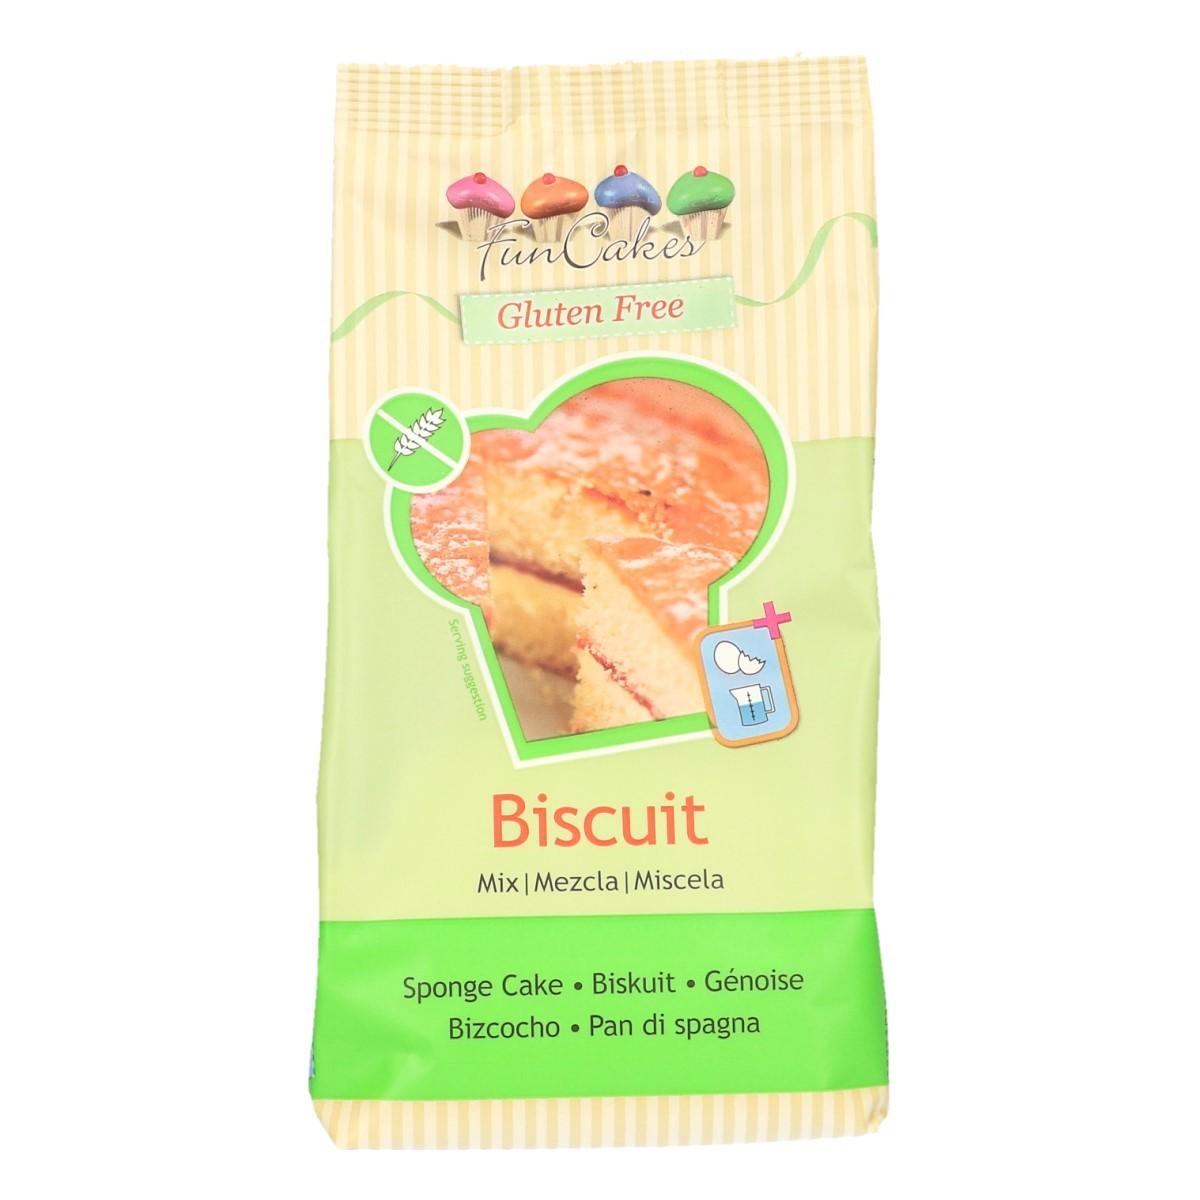 FunCakes Mix voor Biscuit, Glutenvrij 500g